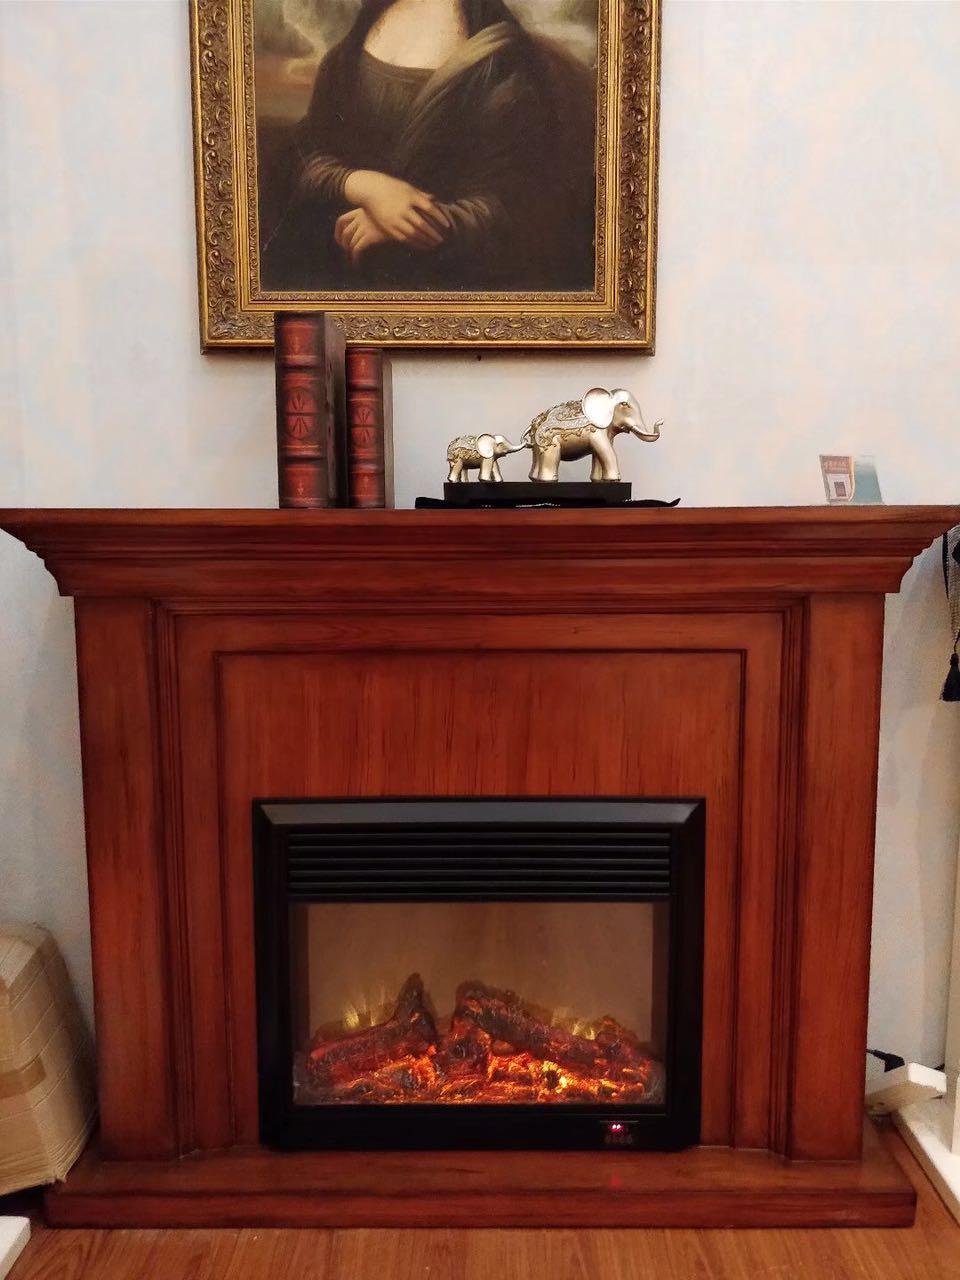 上海美式壁炉装饰柜厂家 专业的欧式壁炉装饰柜供应商推荐